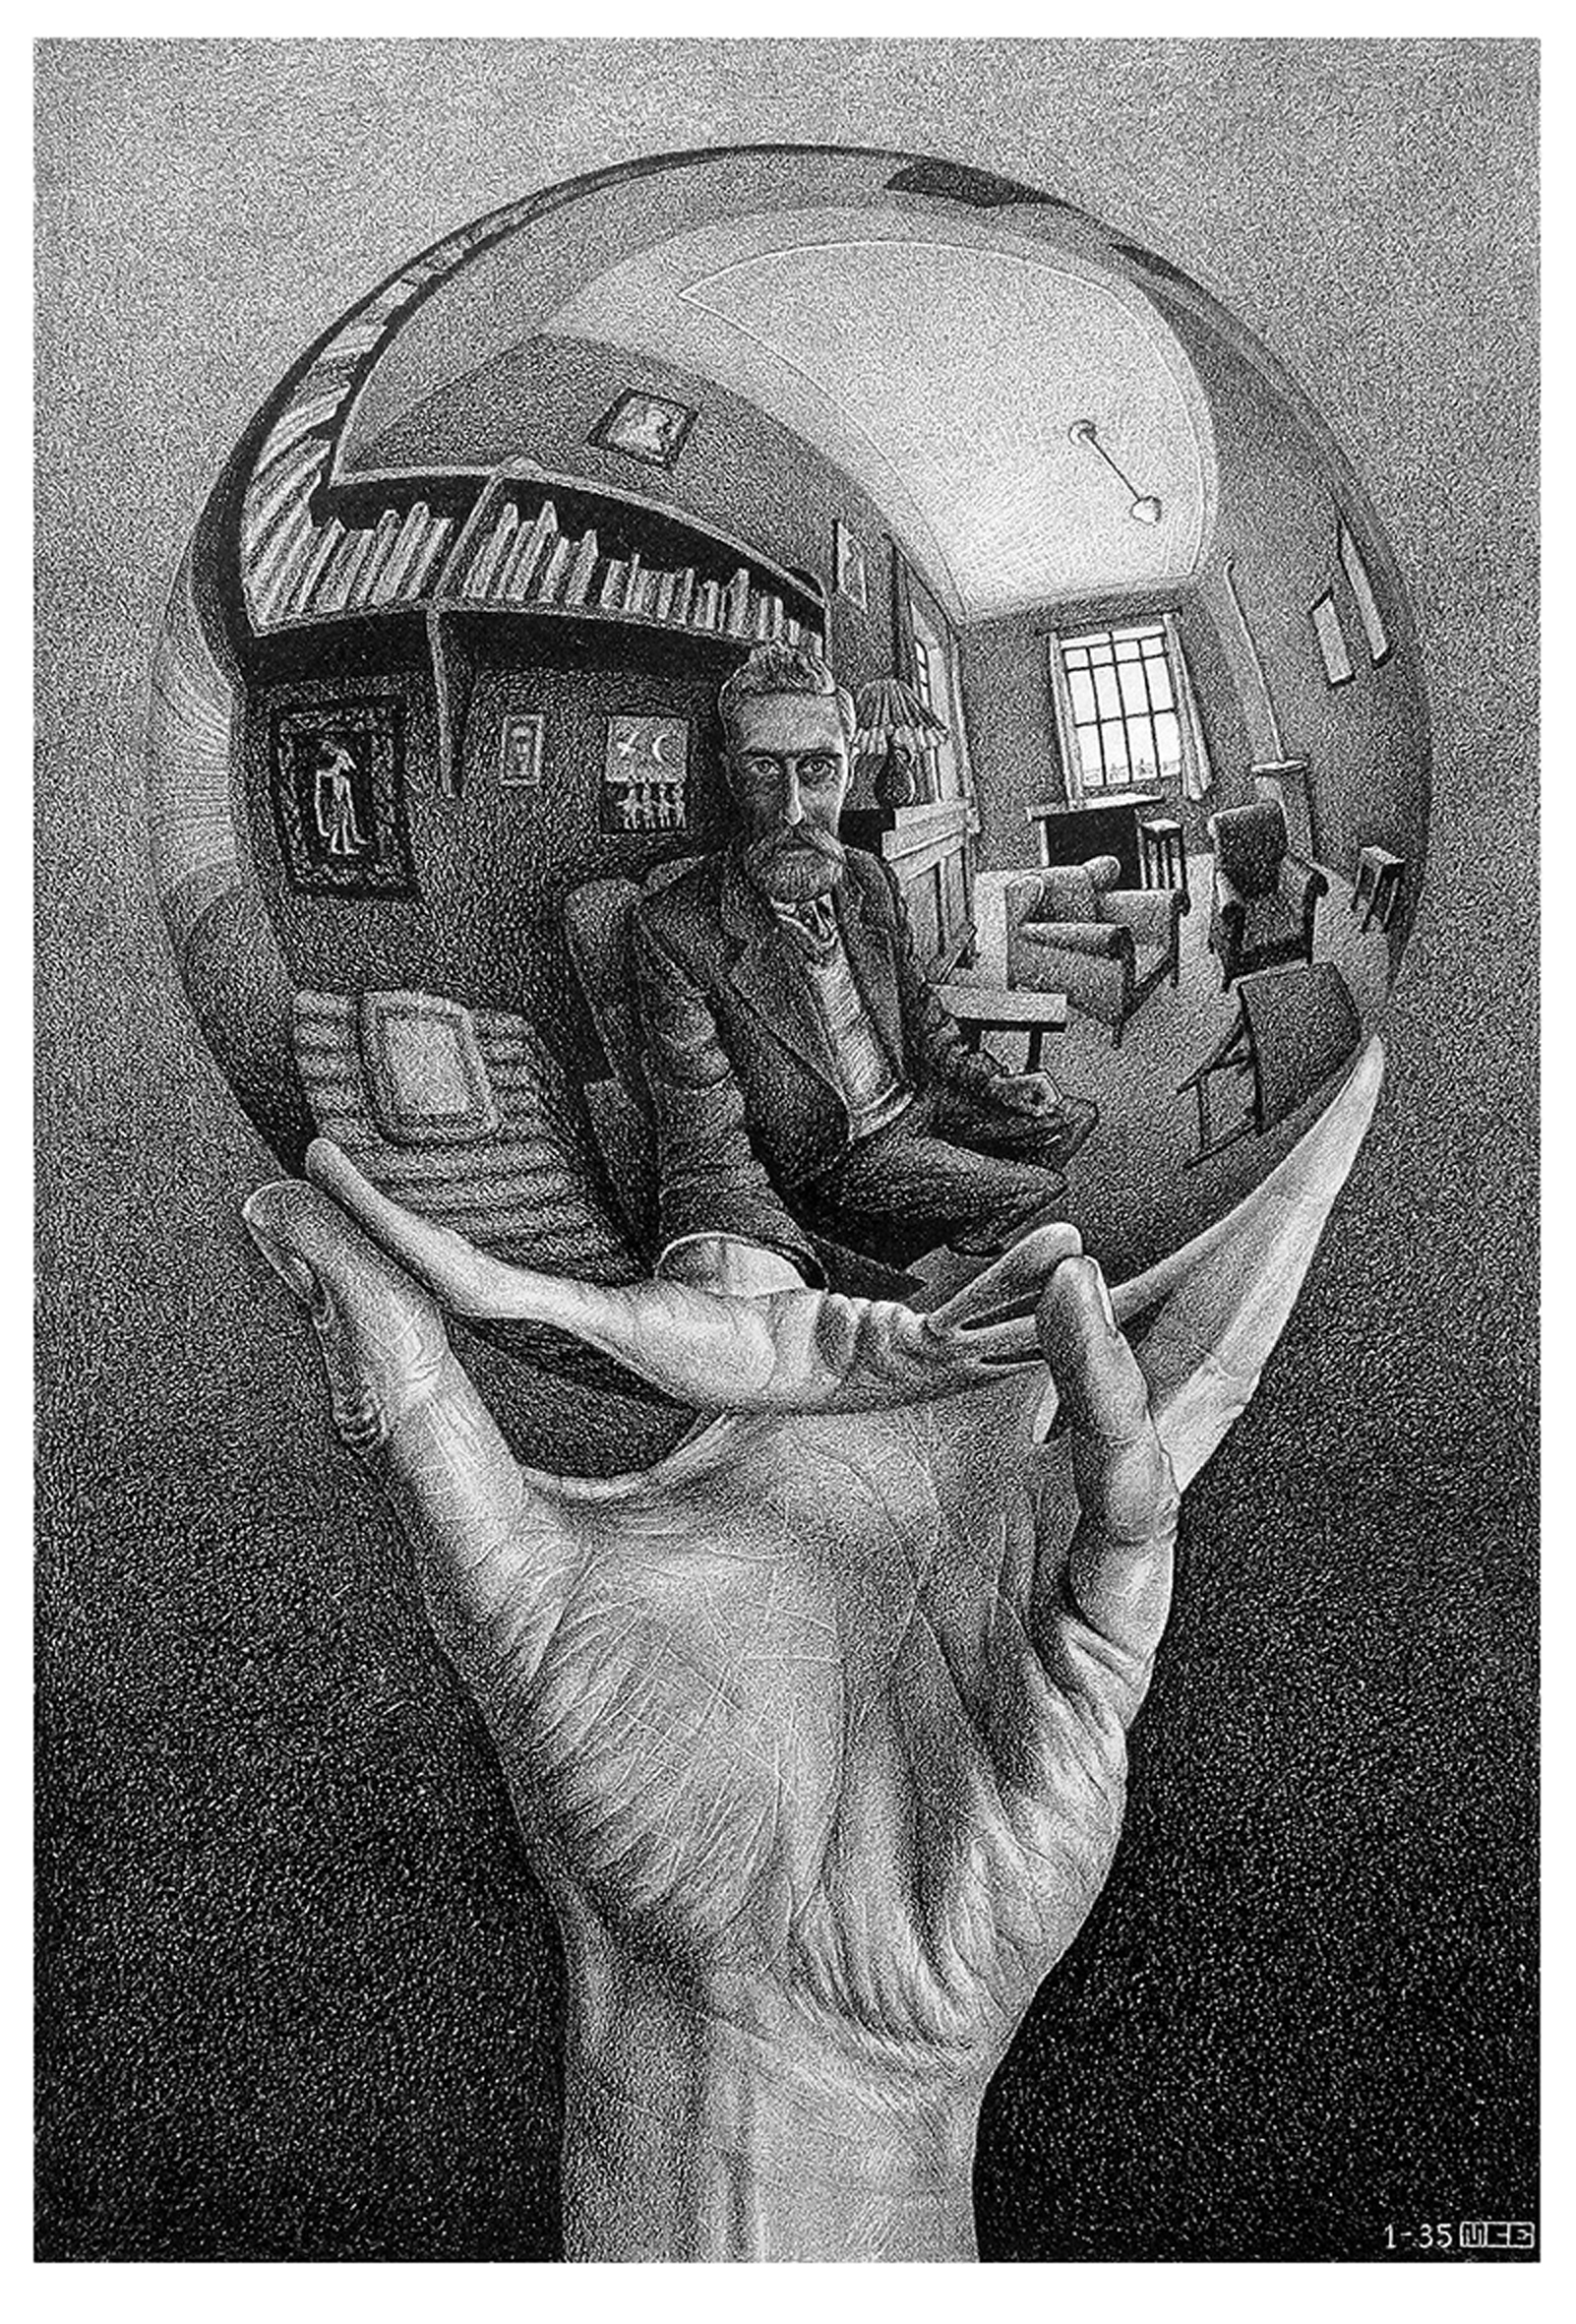 Maurits Cornelis Escher, Mano con sfera riflettente, 1935, Litografia, 31,1x21,3 cm, Paesi Bassi, Collezione Escher Foundation, All M.C. Escher works © 2021 The M.C. Escher, Company The Netherlands. All righ